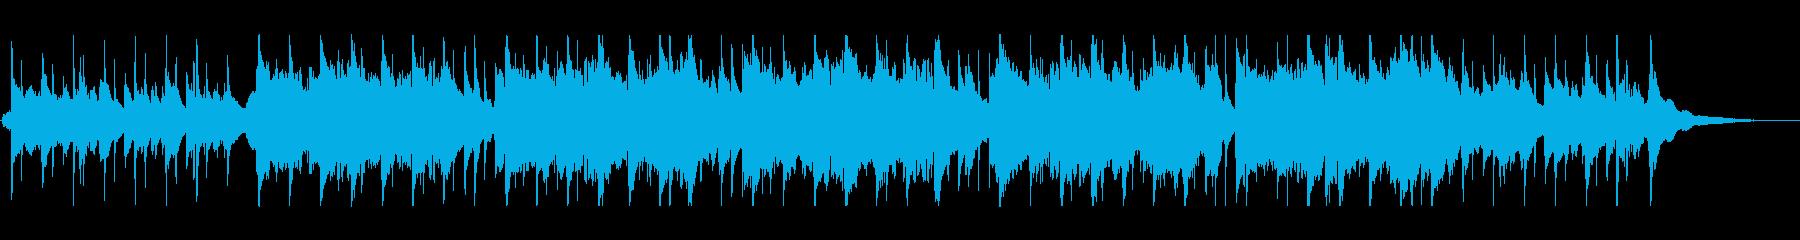 のんびりと穏やかなケルト音楽の再生済みの波形